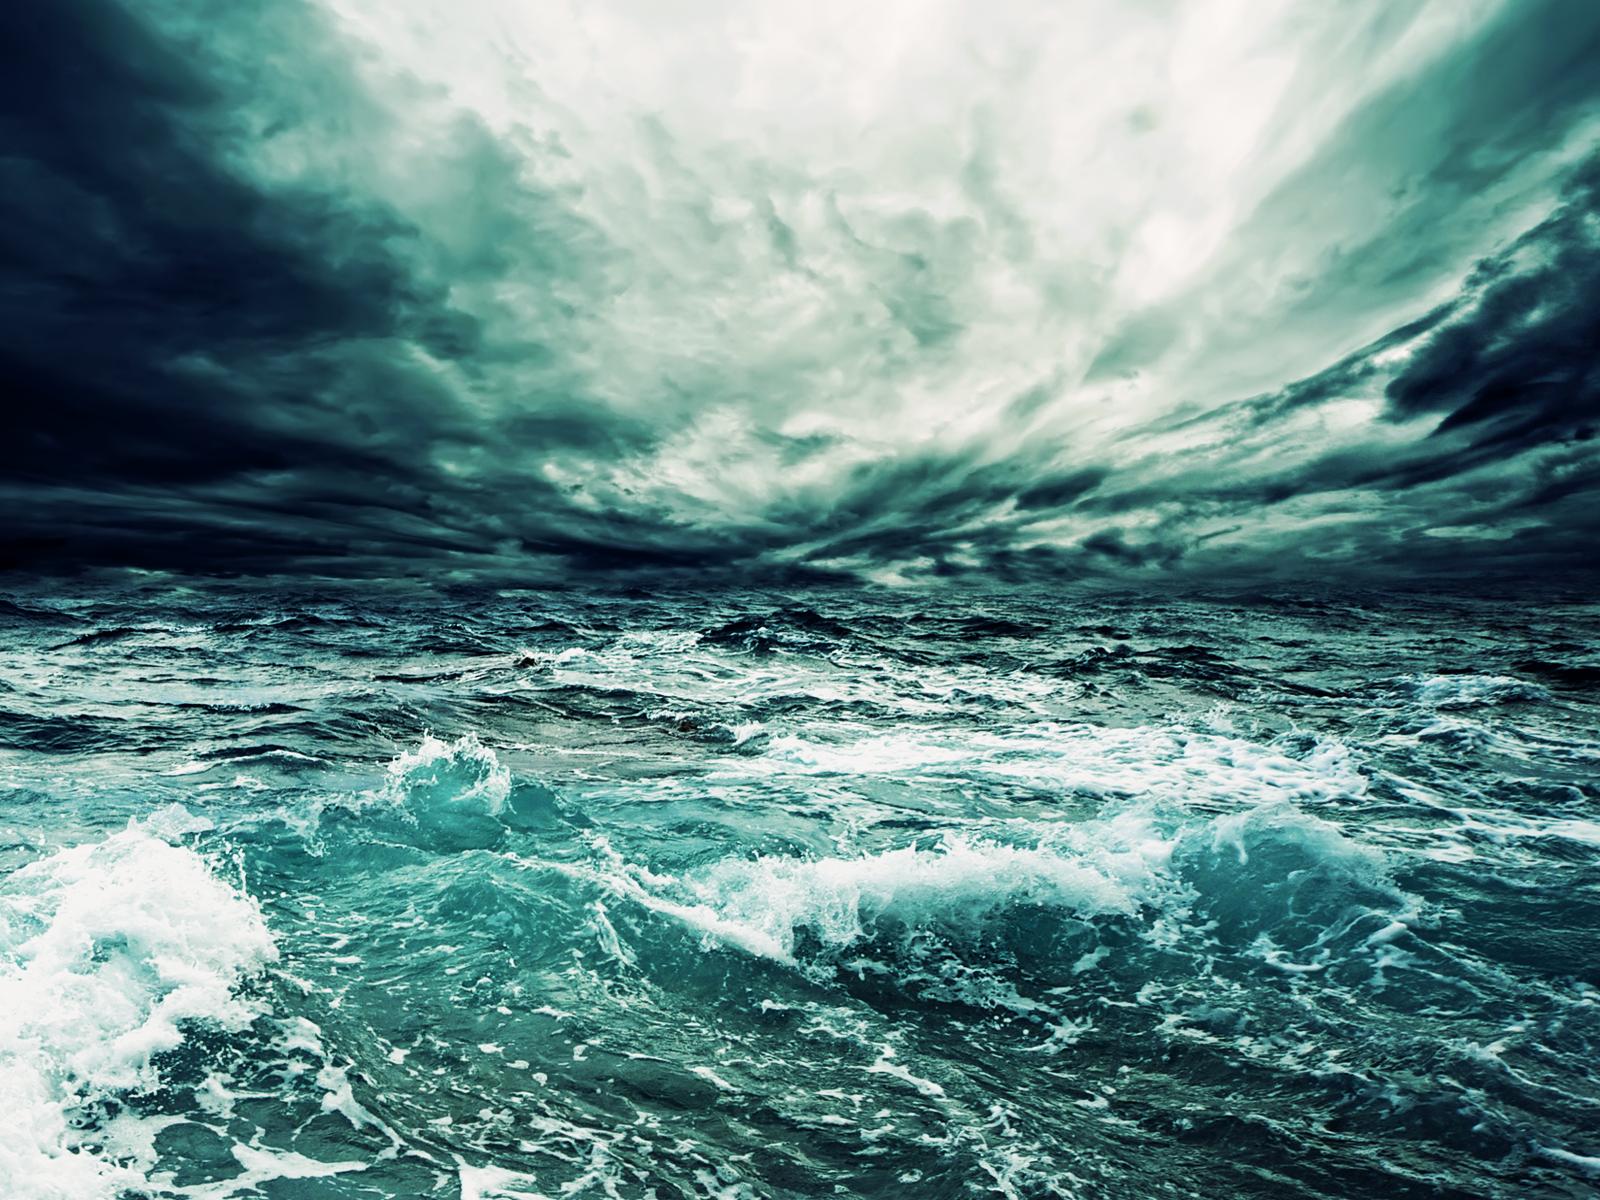 Free Sea Storm Wallpaper